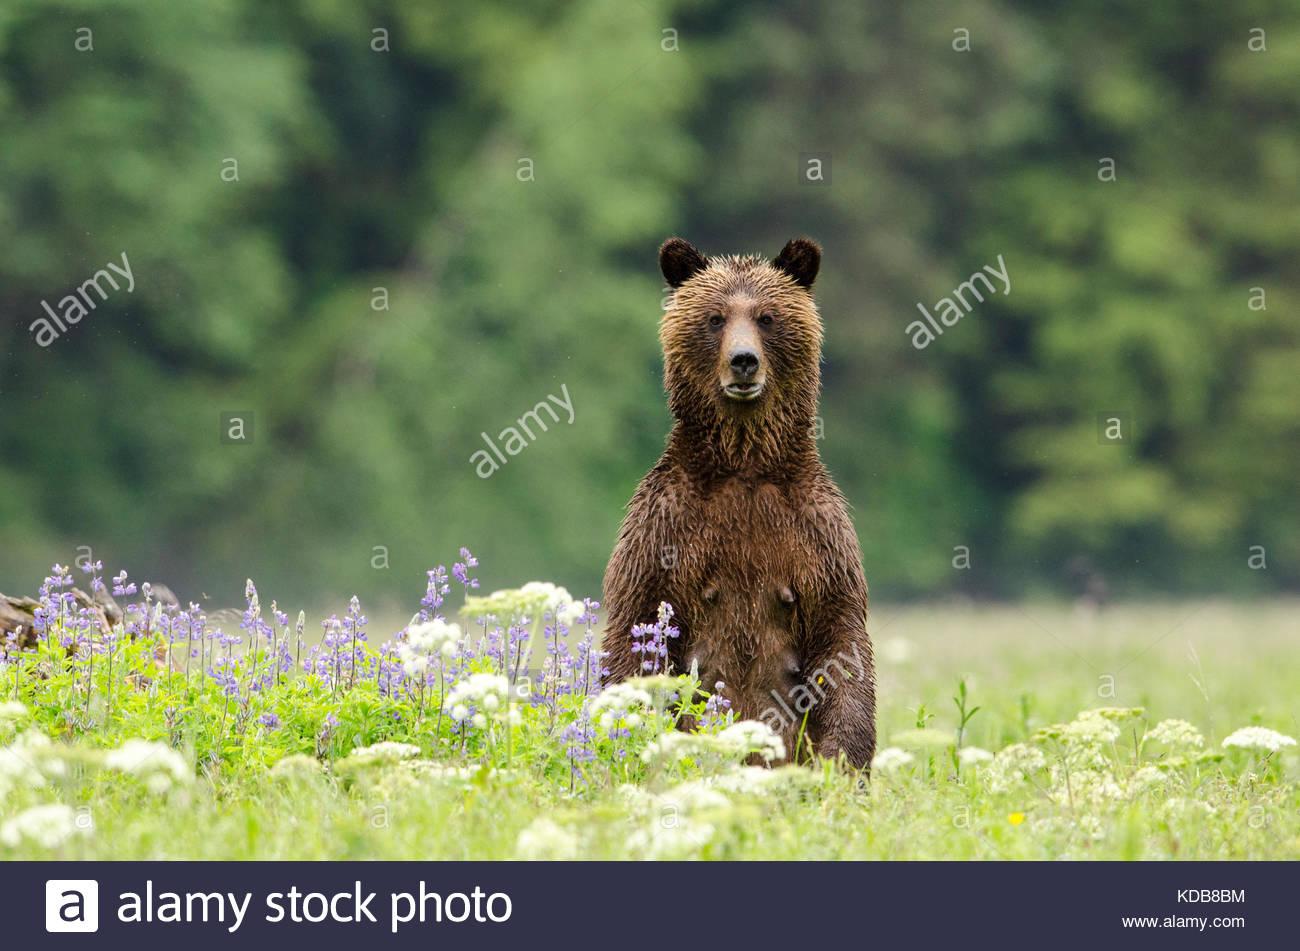 Eine weibliche Grizzlybären, Ursus arctos, stehend in einem Patch der Feder Lupin. Stockbild